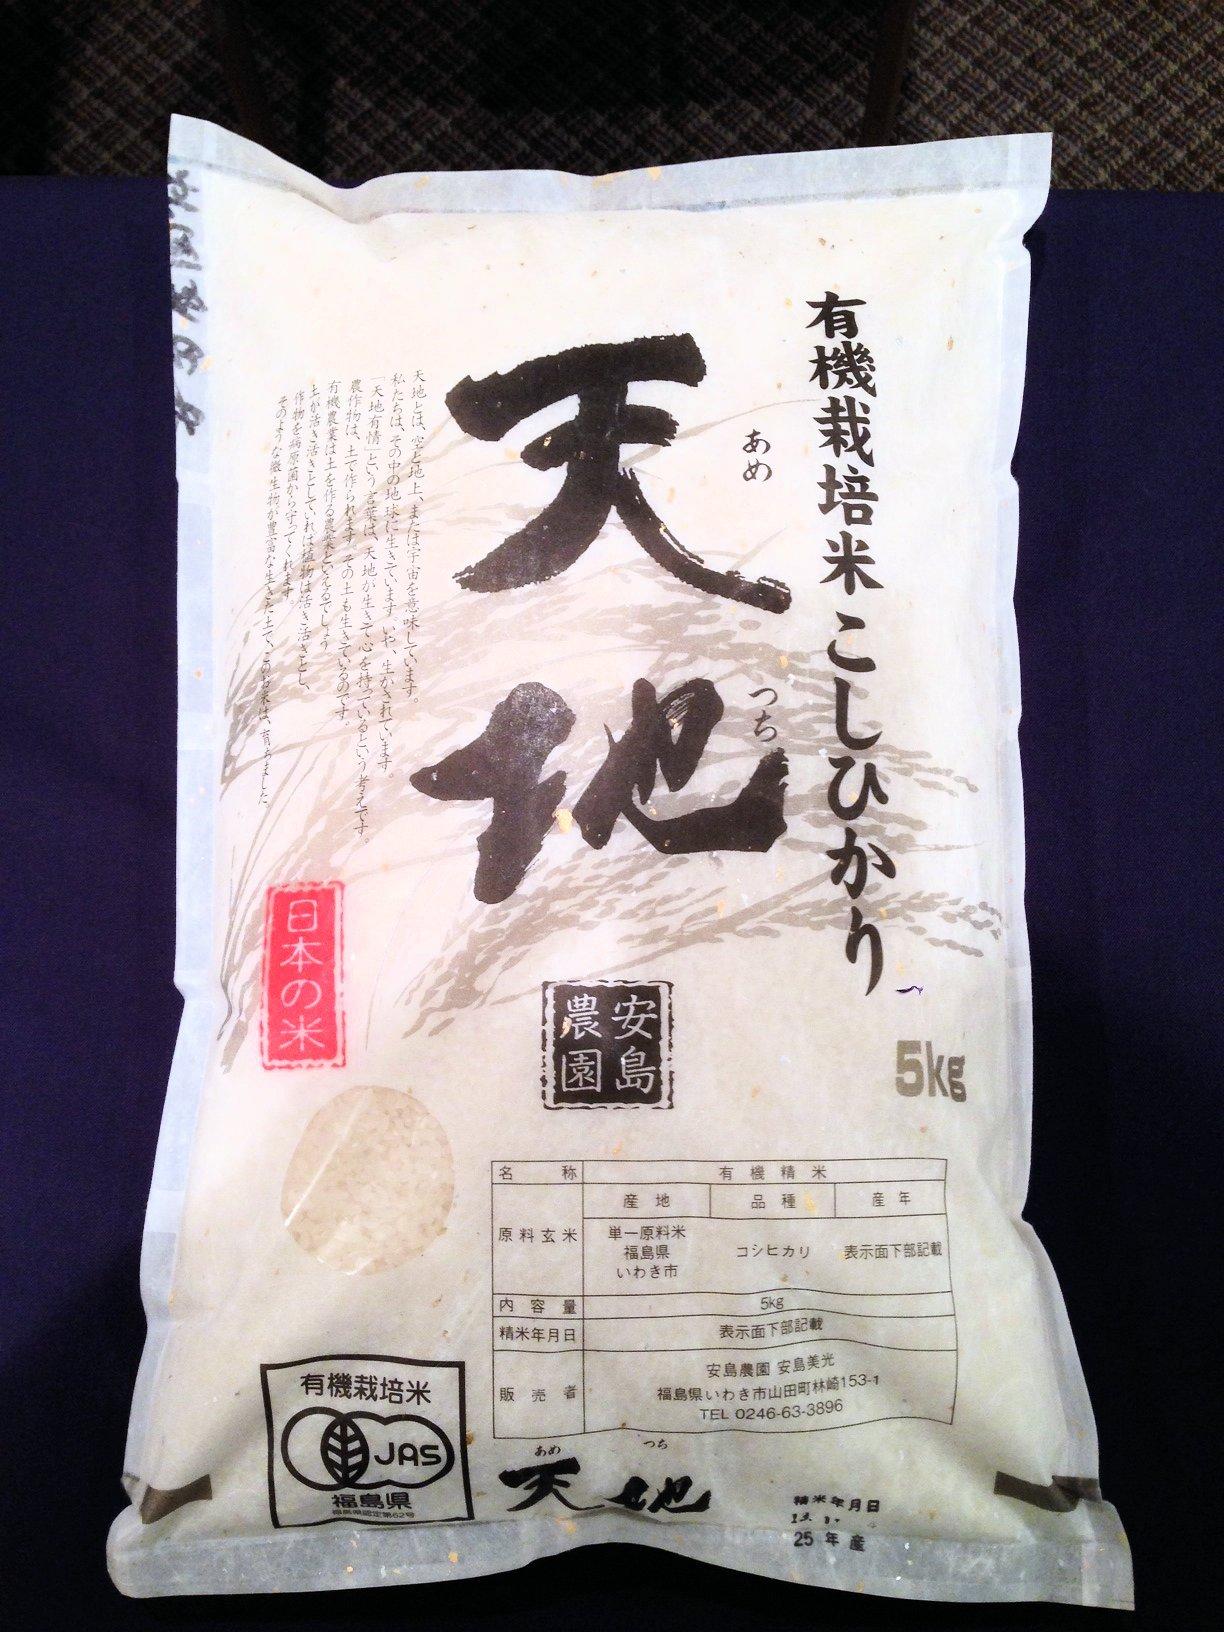 とことん肥料にこだわった!いわきの有機コシヒカリ精米5kg 食べ比べコンテストで1位受賞【安島農園】